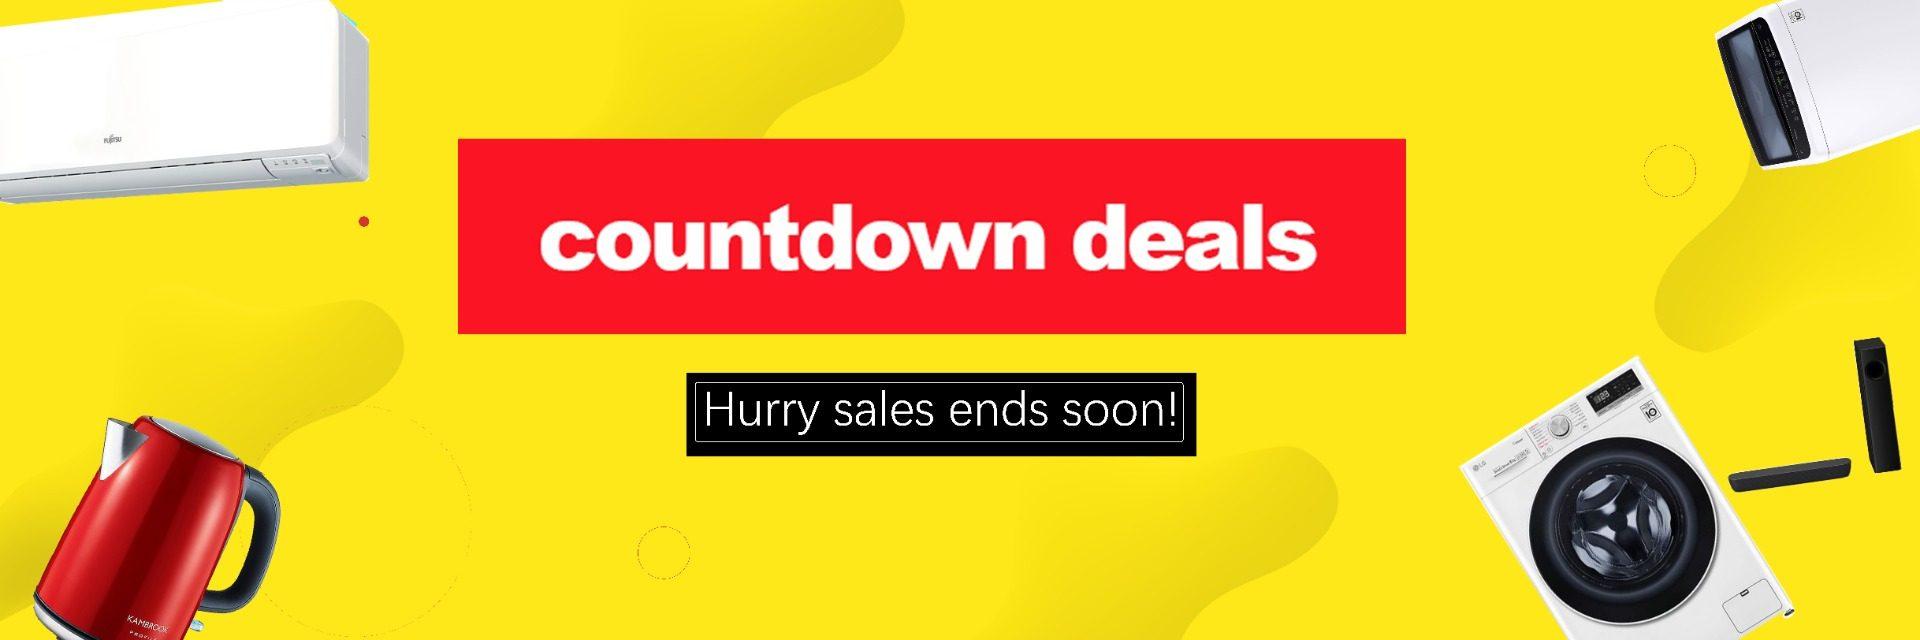 countdowndeals.com.au